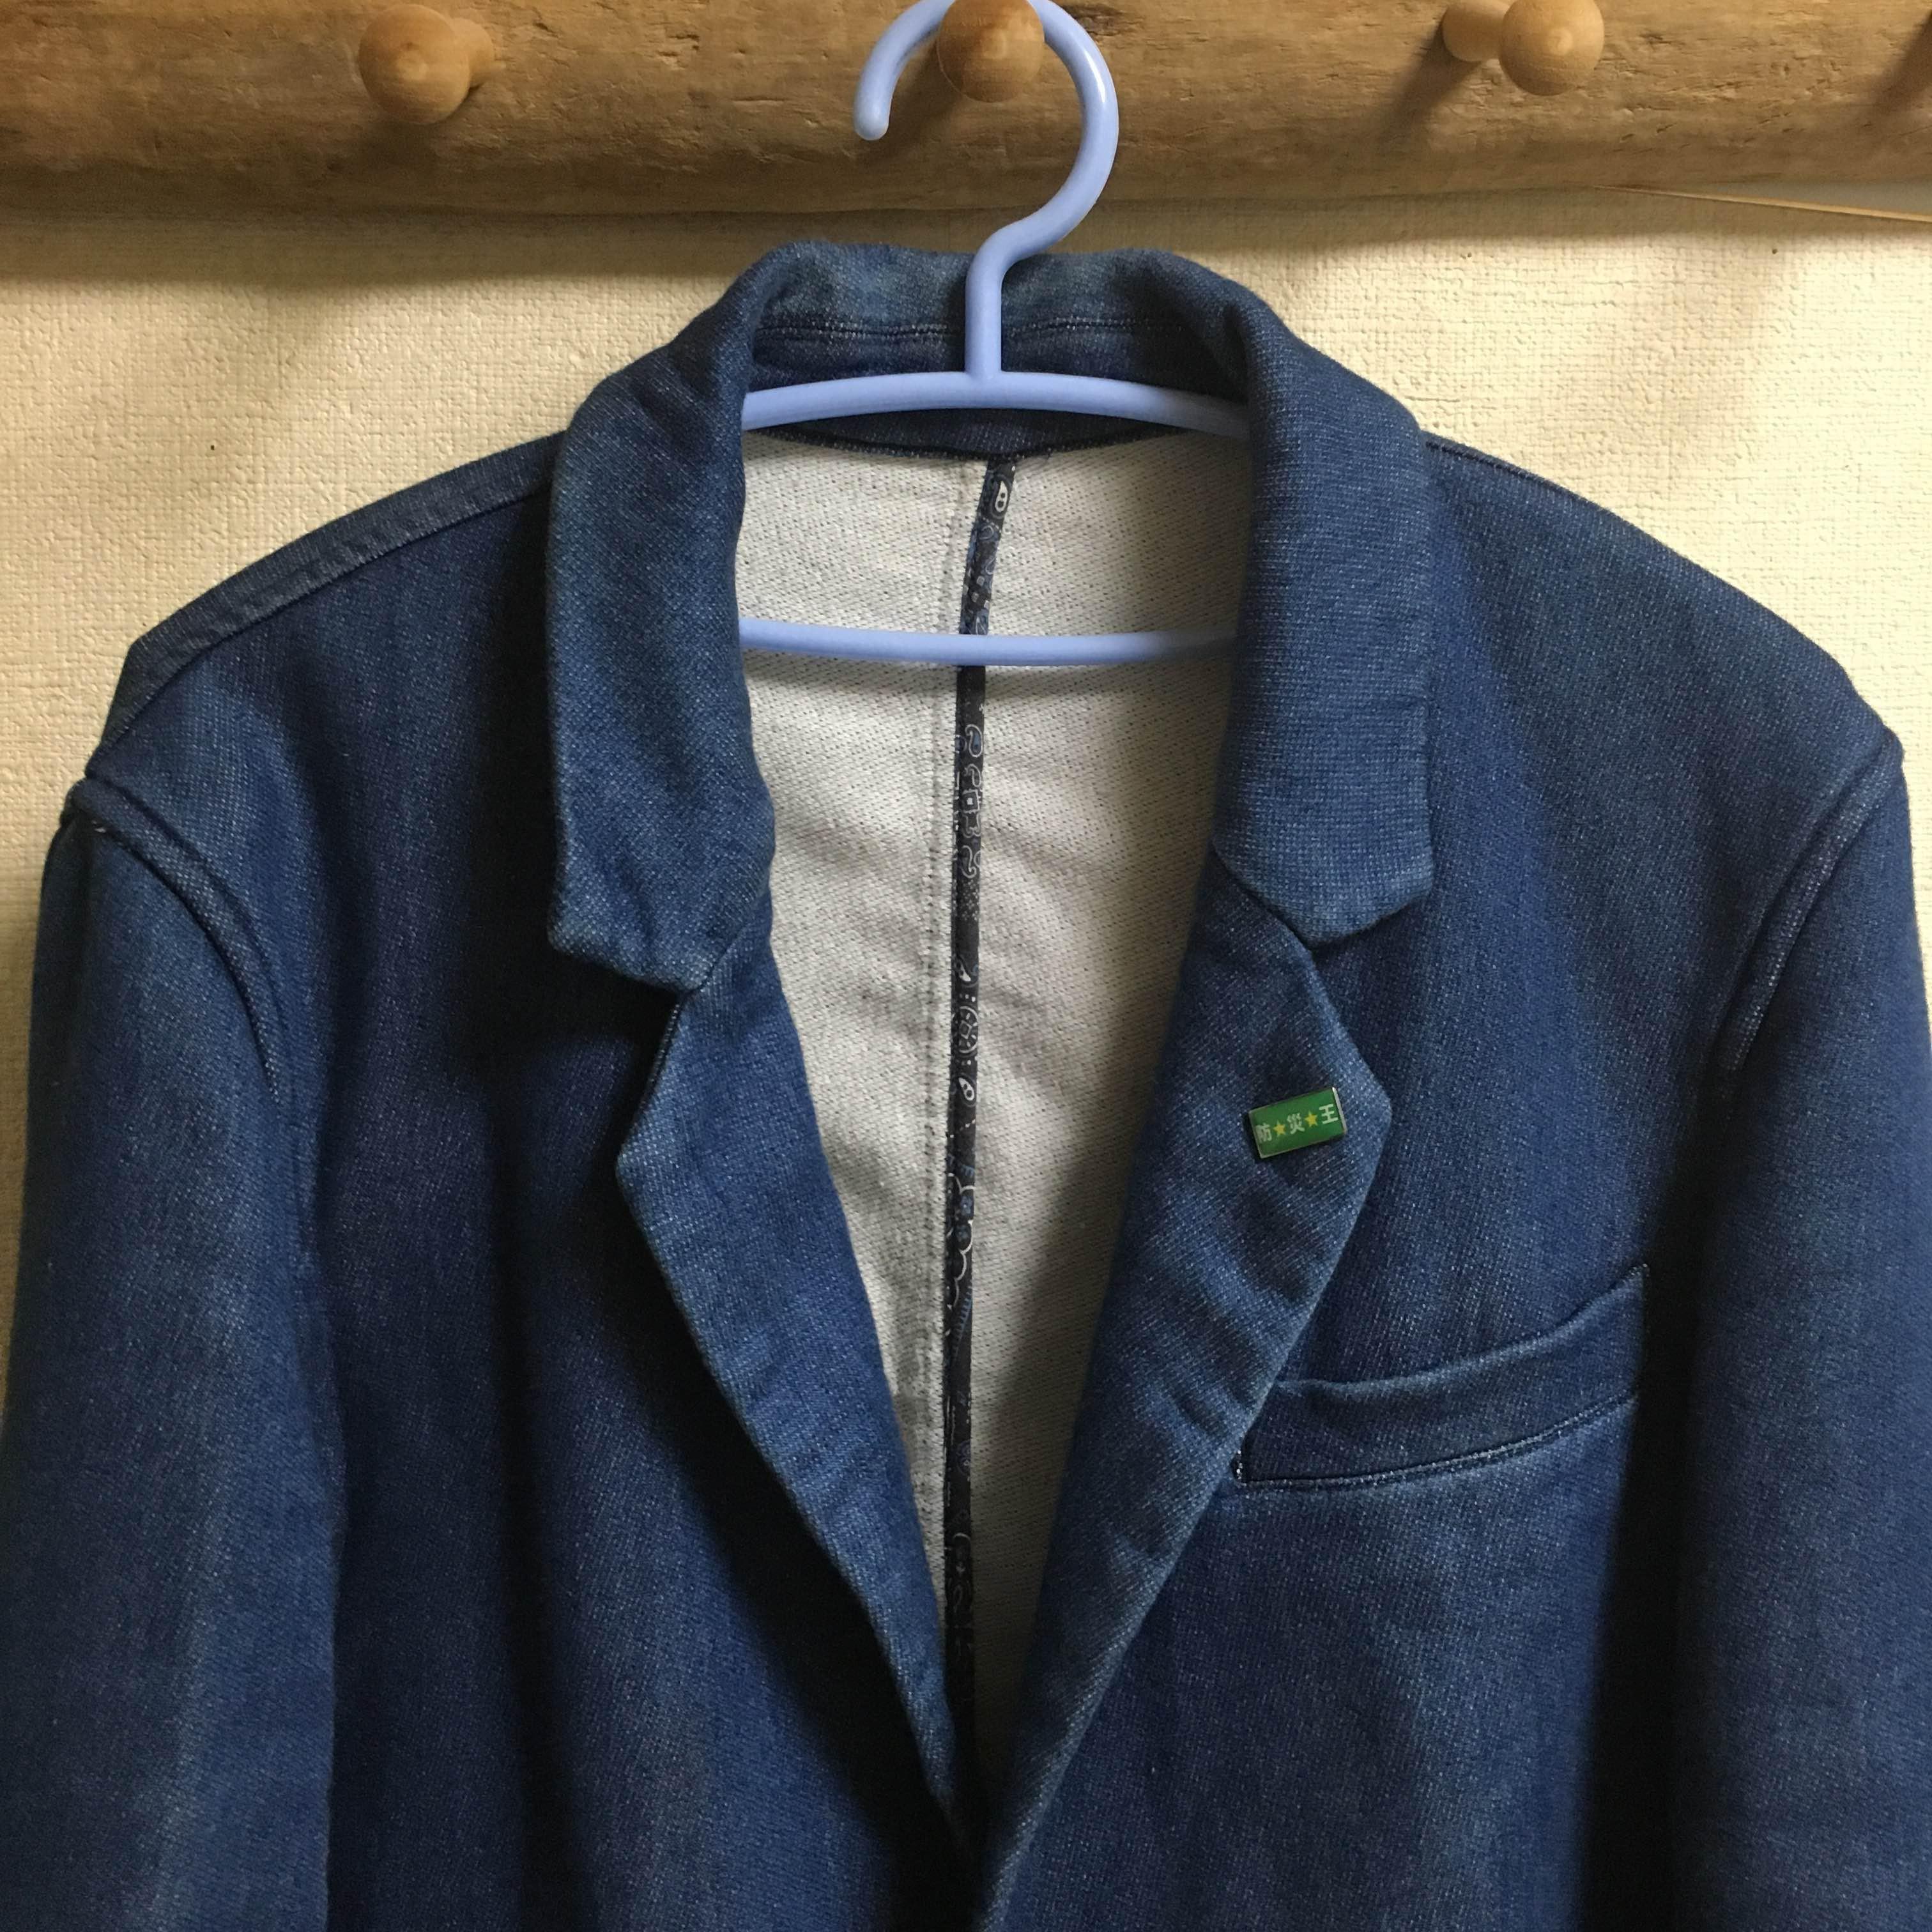 シップスのデニムスウェットジャケットフランス人は10着しか服を持たないらしいので、10着選んでみた。2016チャックシャツ アバクロ年秋冬版【ミニマリスト】